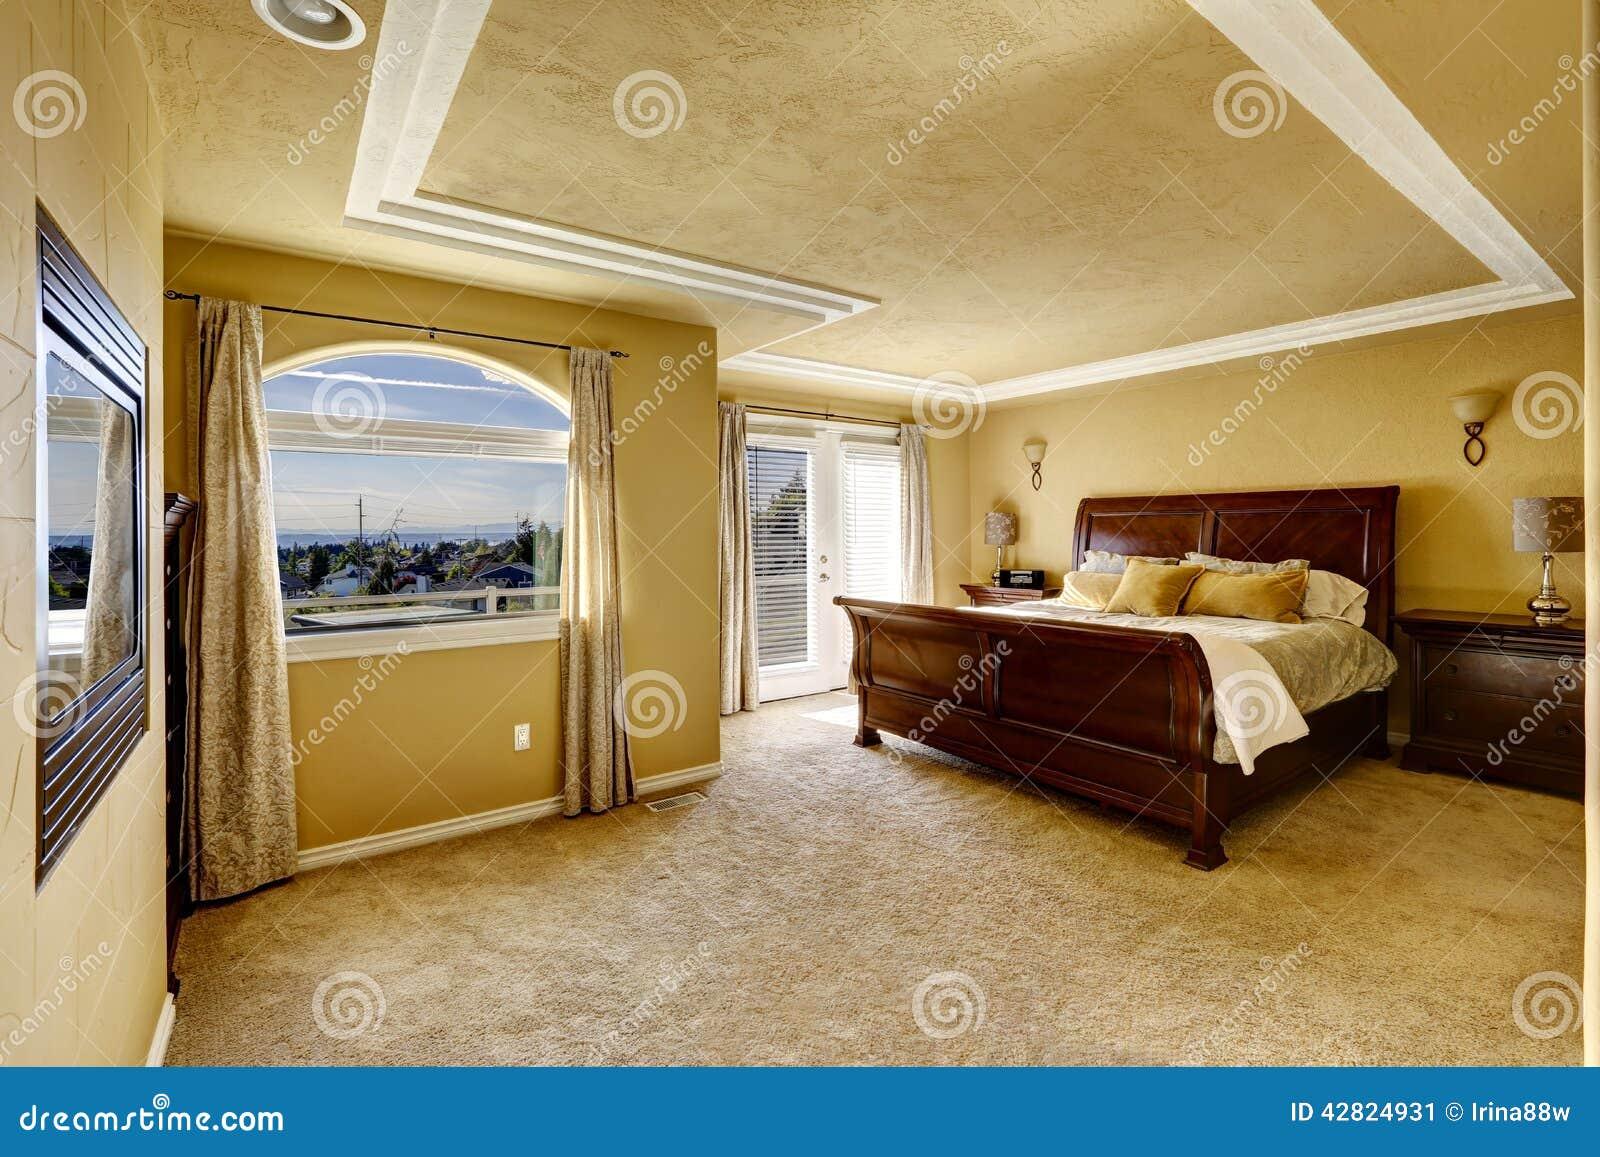 camera da letto oro. Black Bedroom Furniture Sets. Home Design Ideas